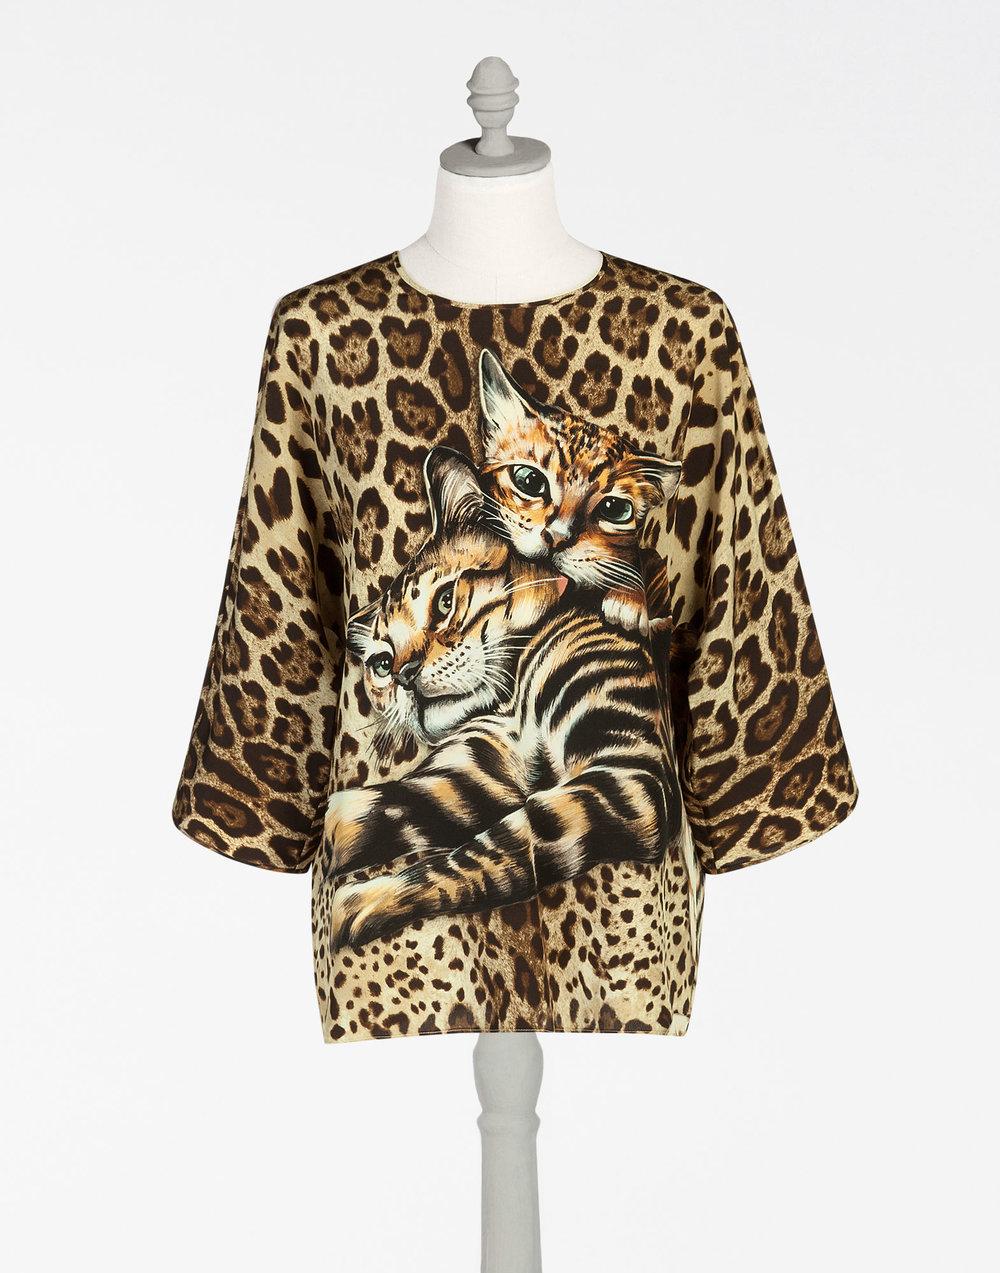 Dolce & Gabbana $945